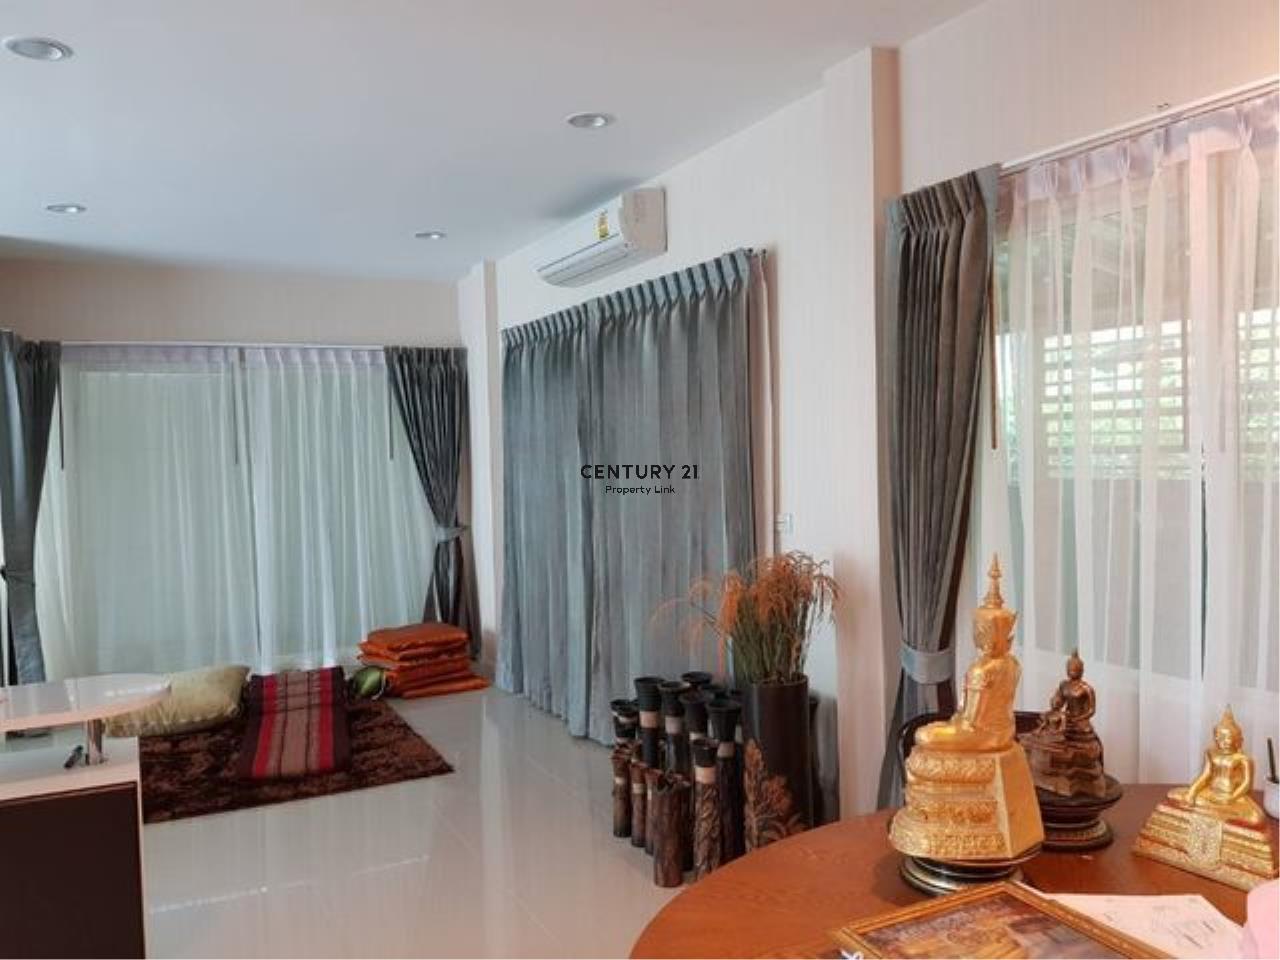 Century21 Property Link Agency's 38-HH-61064 Single House @ Phutthamonthon Sai 4 near Mahidon Salaya University 3